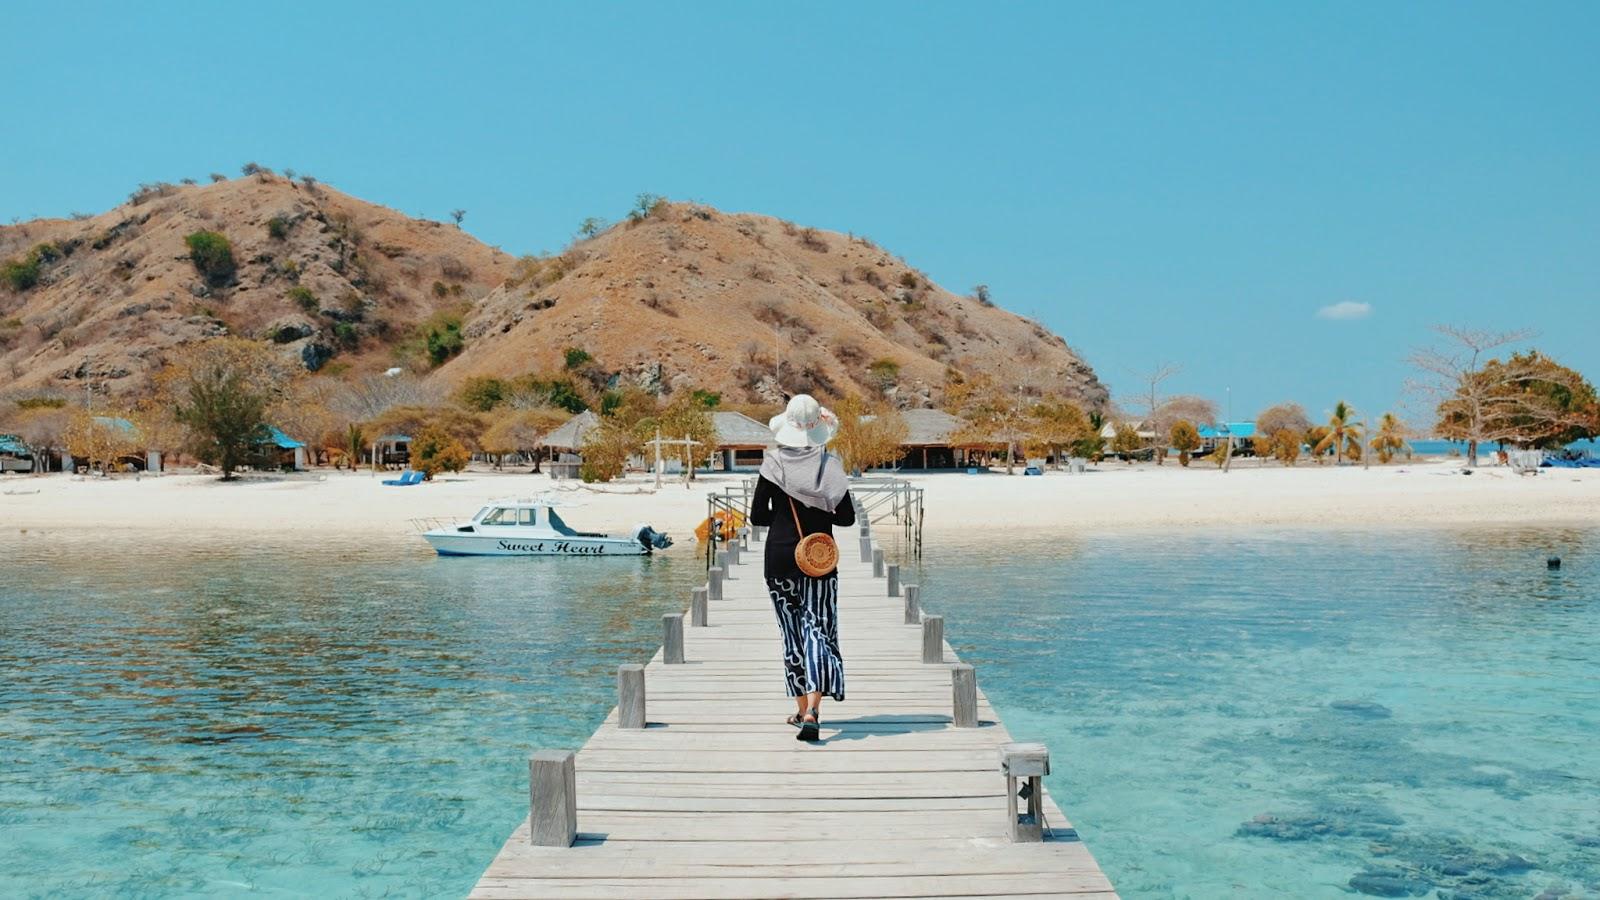 7 hari backpacking ke labuan bajo dari jakarta cuma 2 jutaan rh mardiaheyyy com